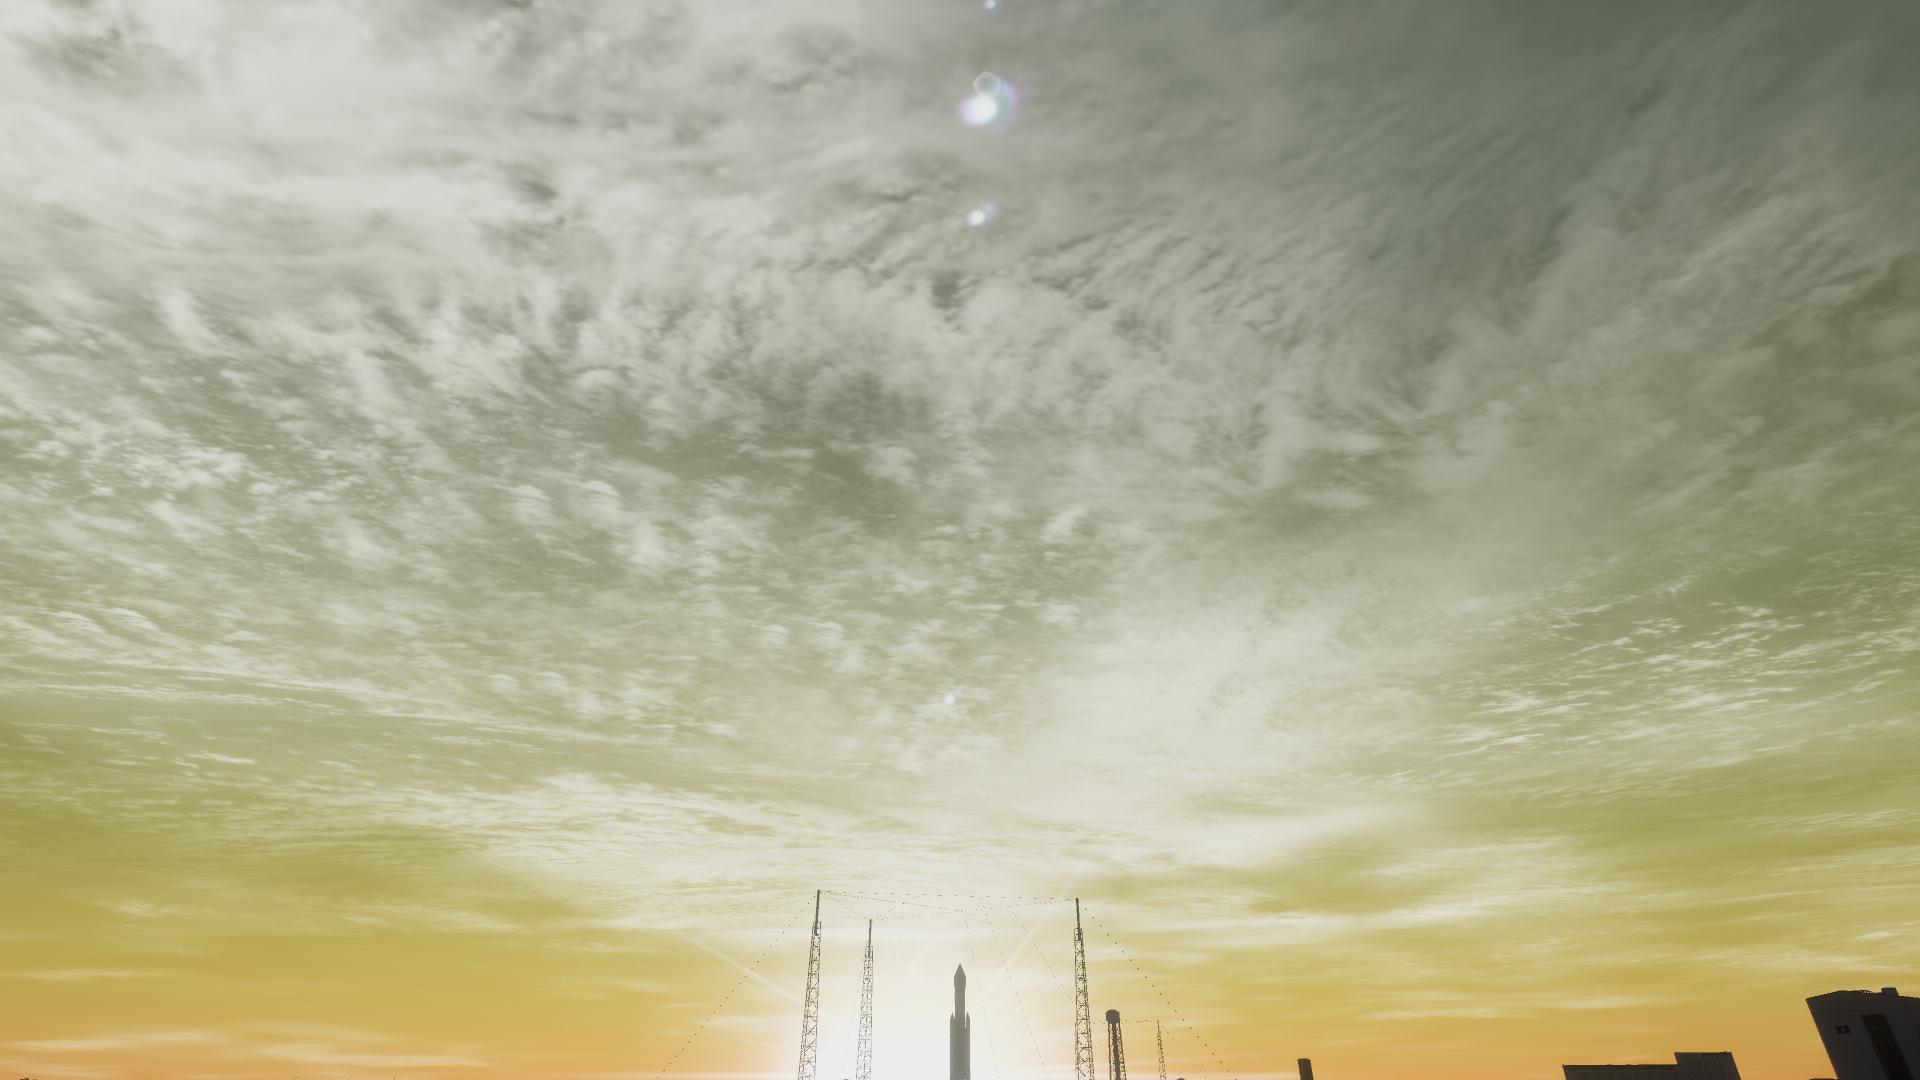 Selene-Nyx-Mun-Orbit-Test-1.png